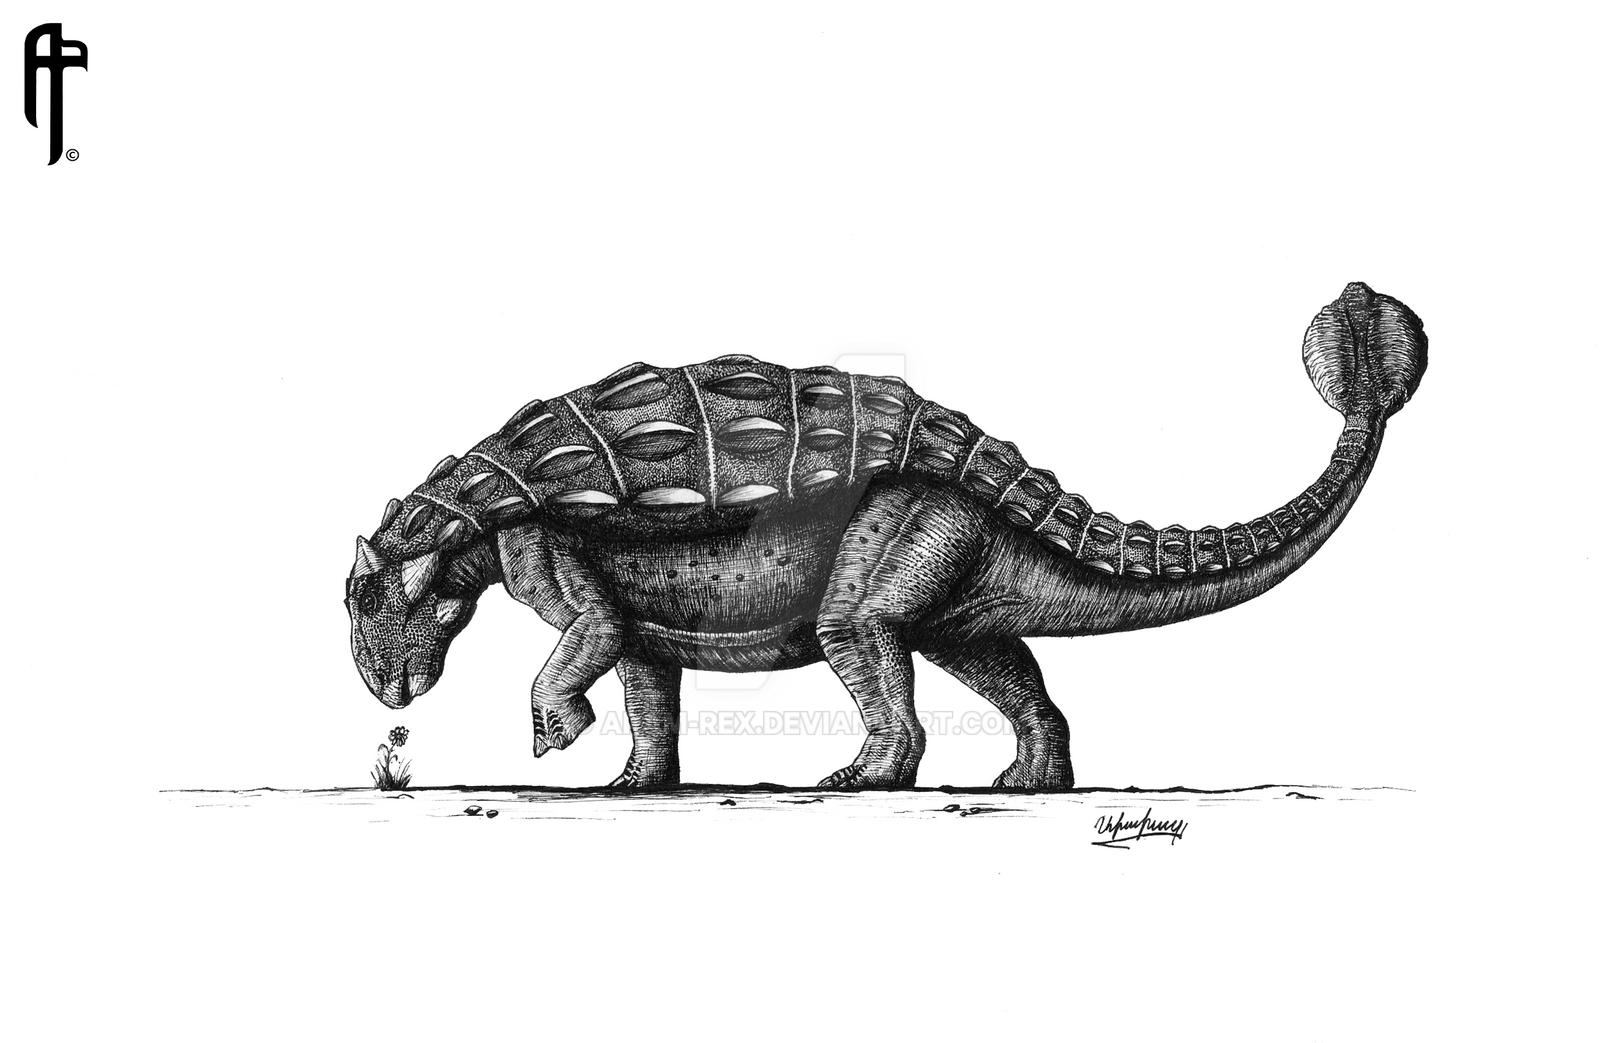 ankylosaurus was the ankylosaurus39s depiction in movies correct or did ankylosaurus